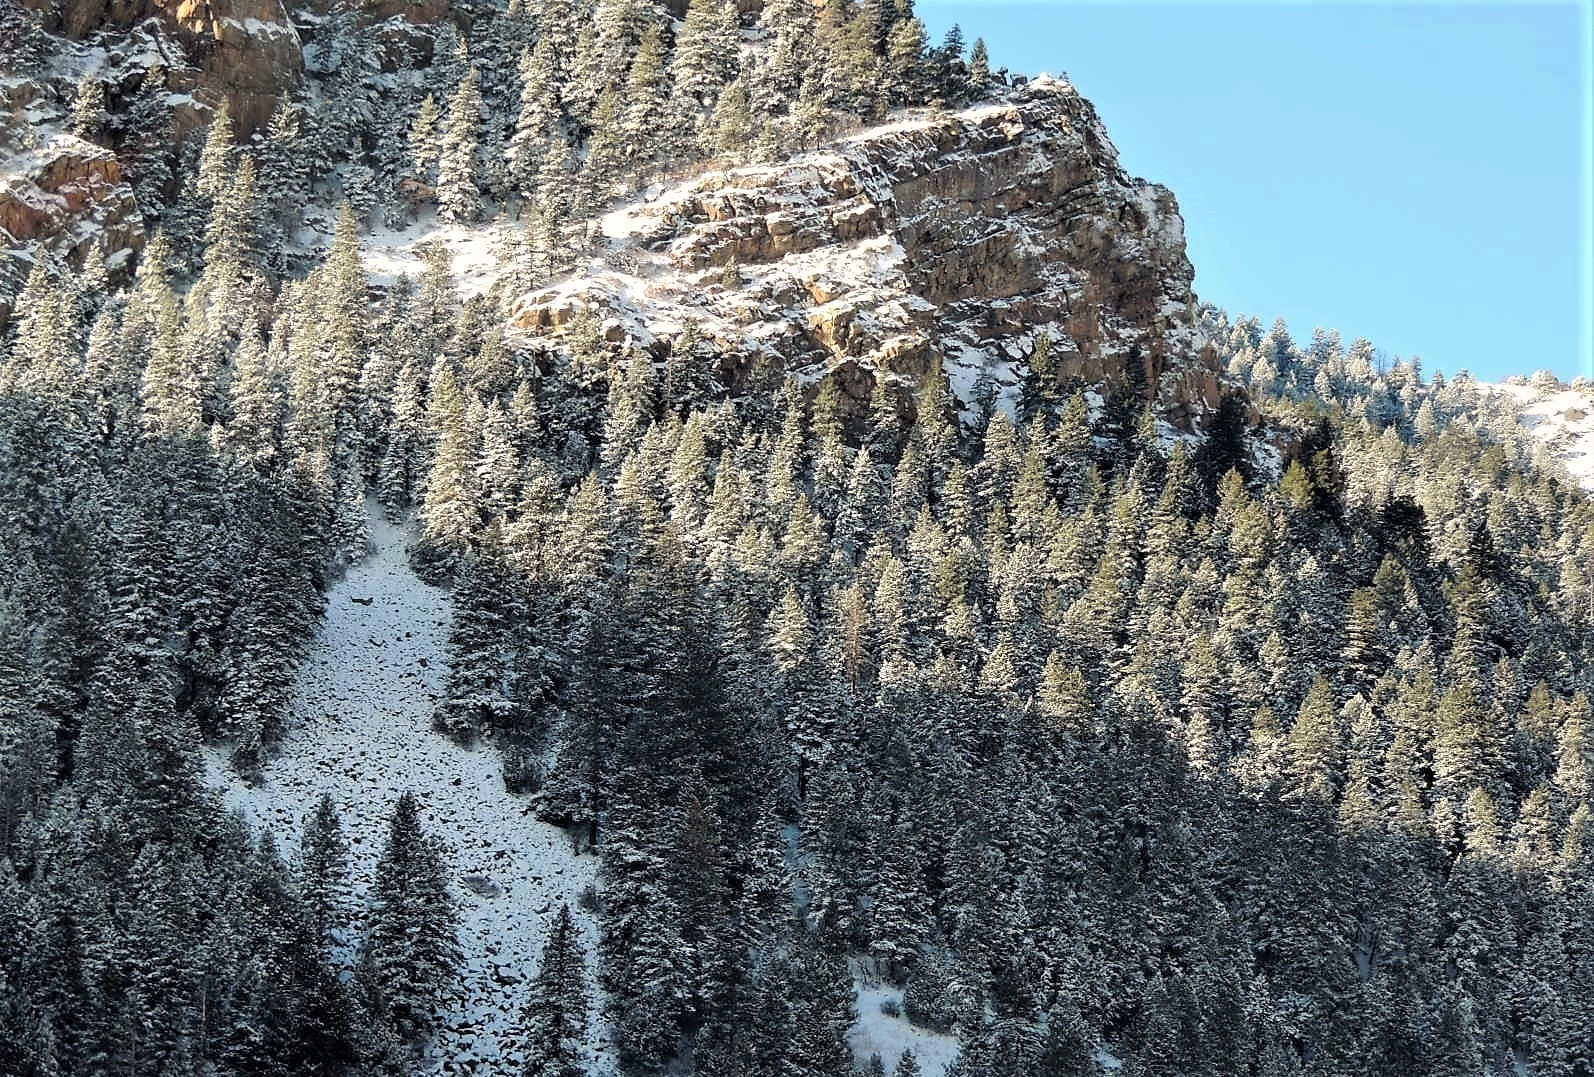 Fresh Powder on the Rockies by amfinsilver